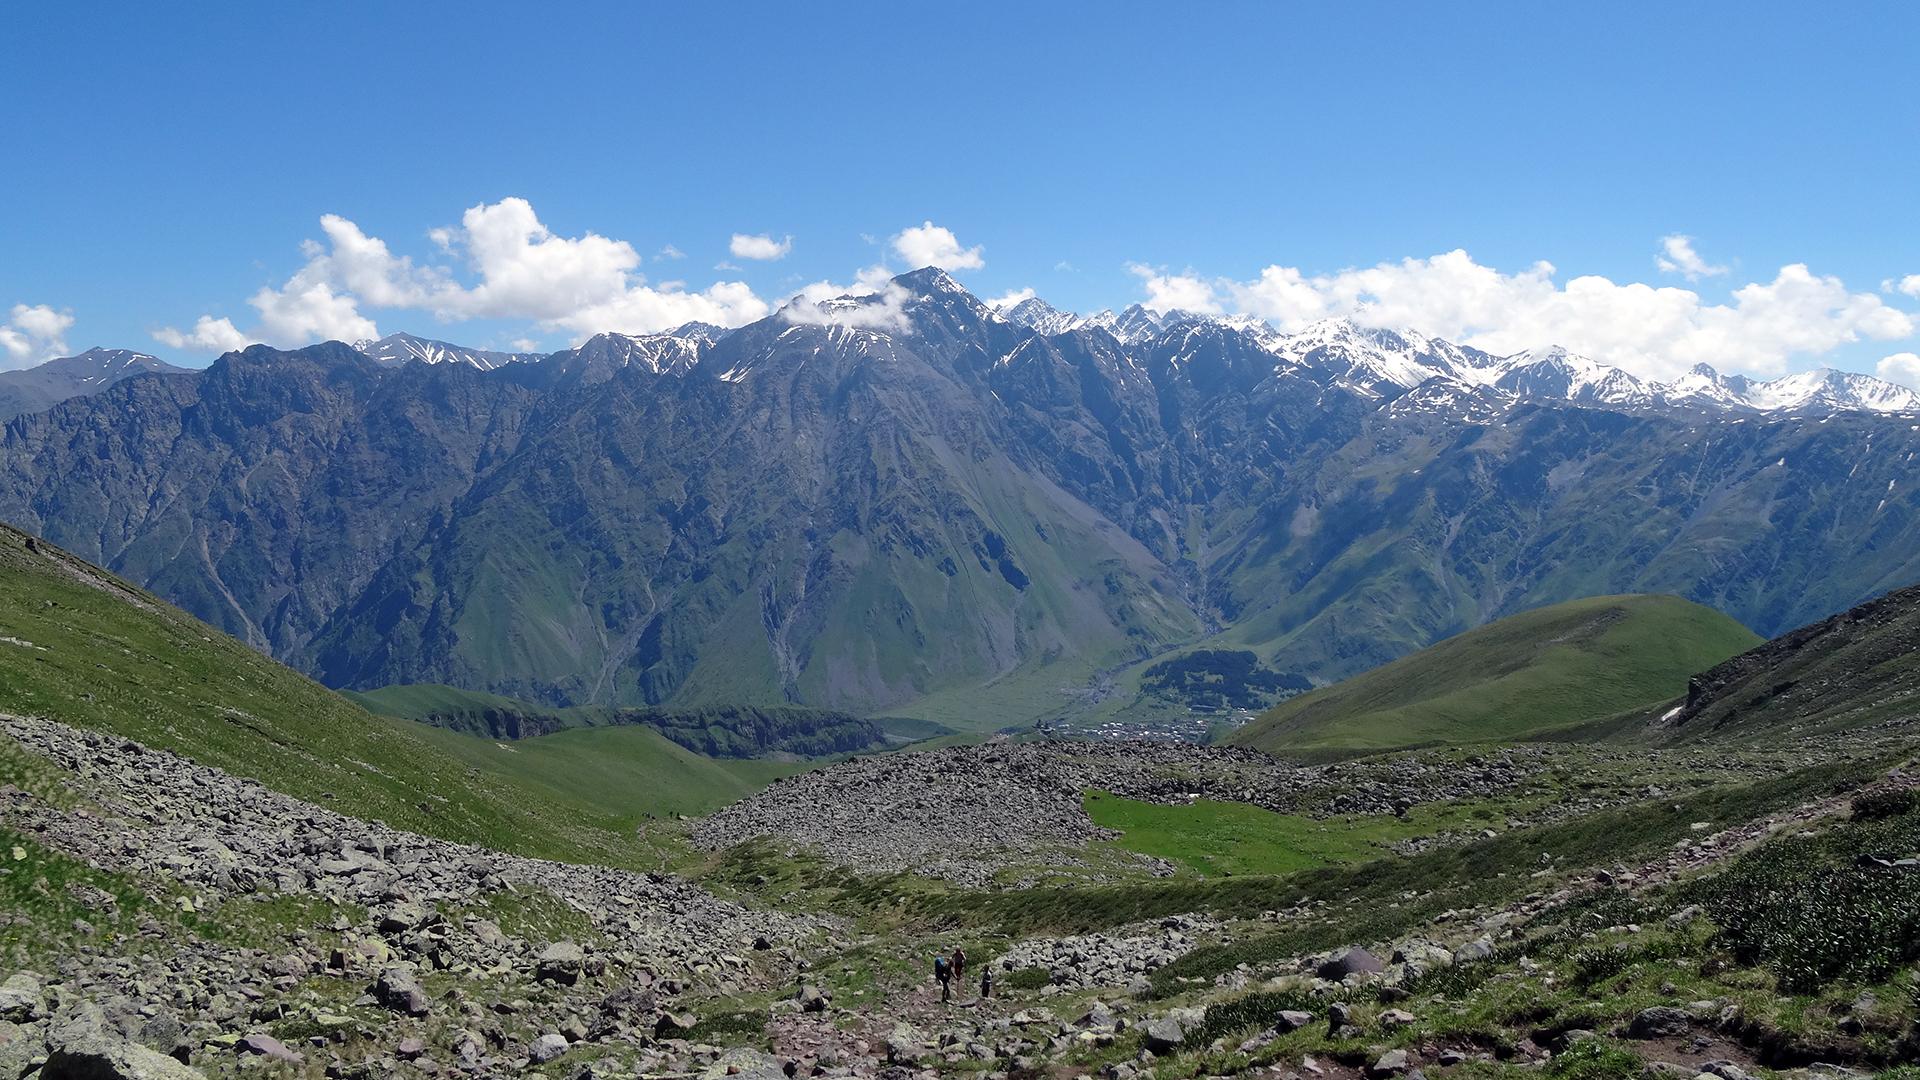 widok z drogi na przełęcz w tle Stepancminda (Kazbegi)